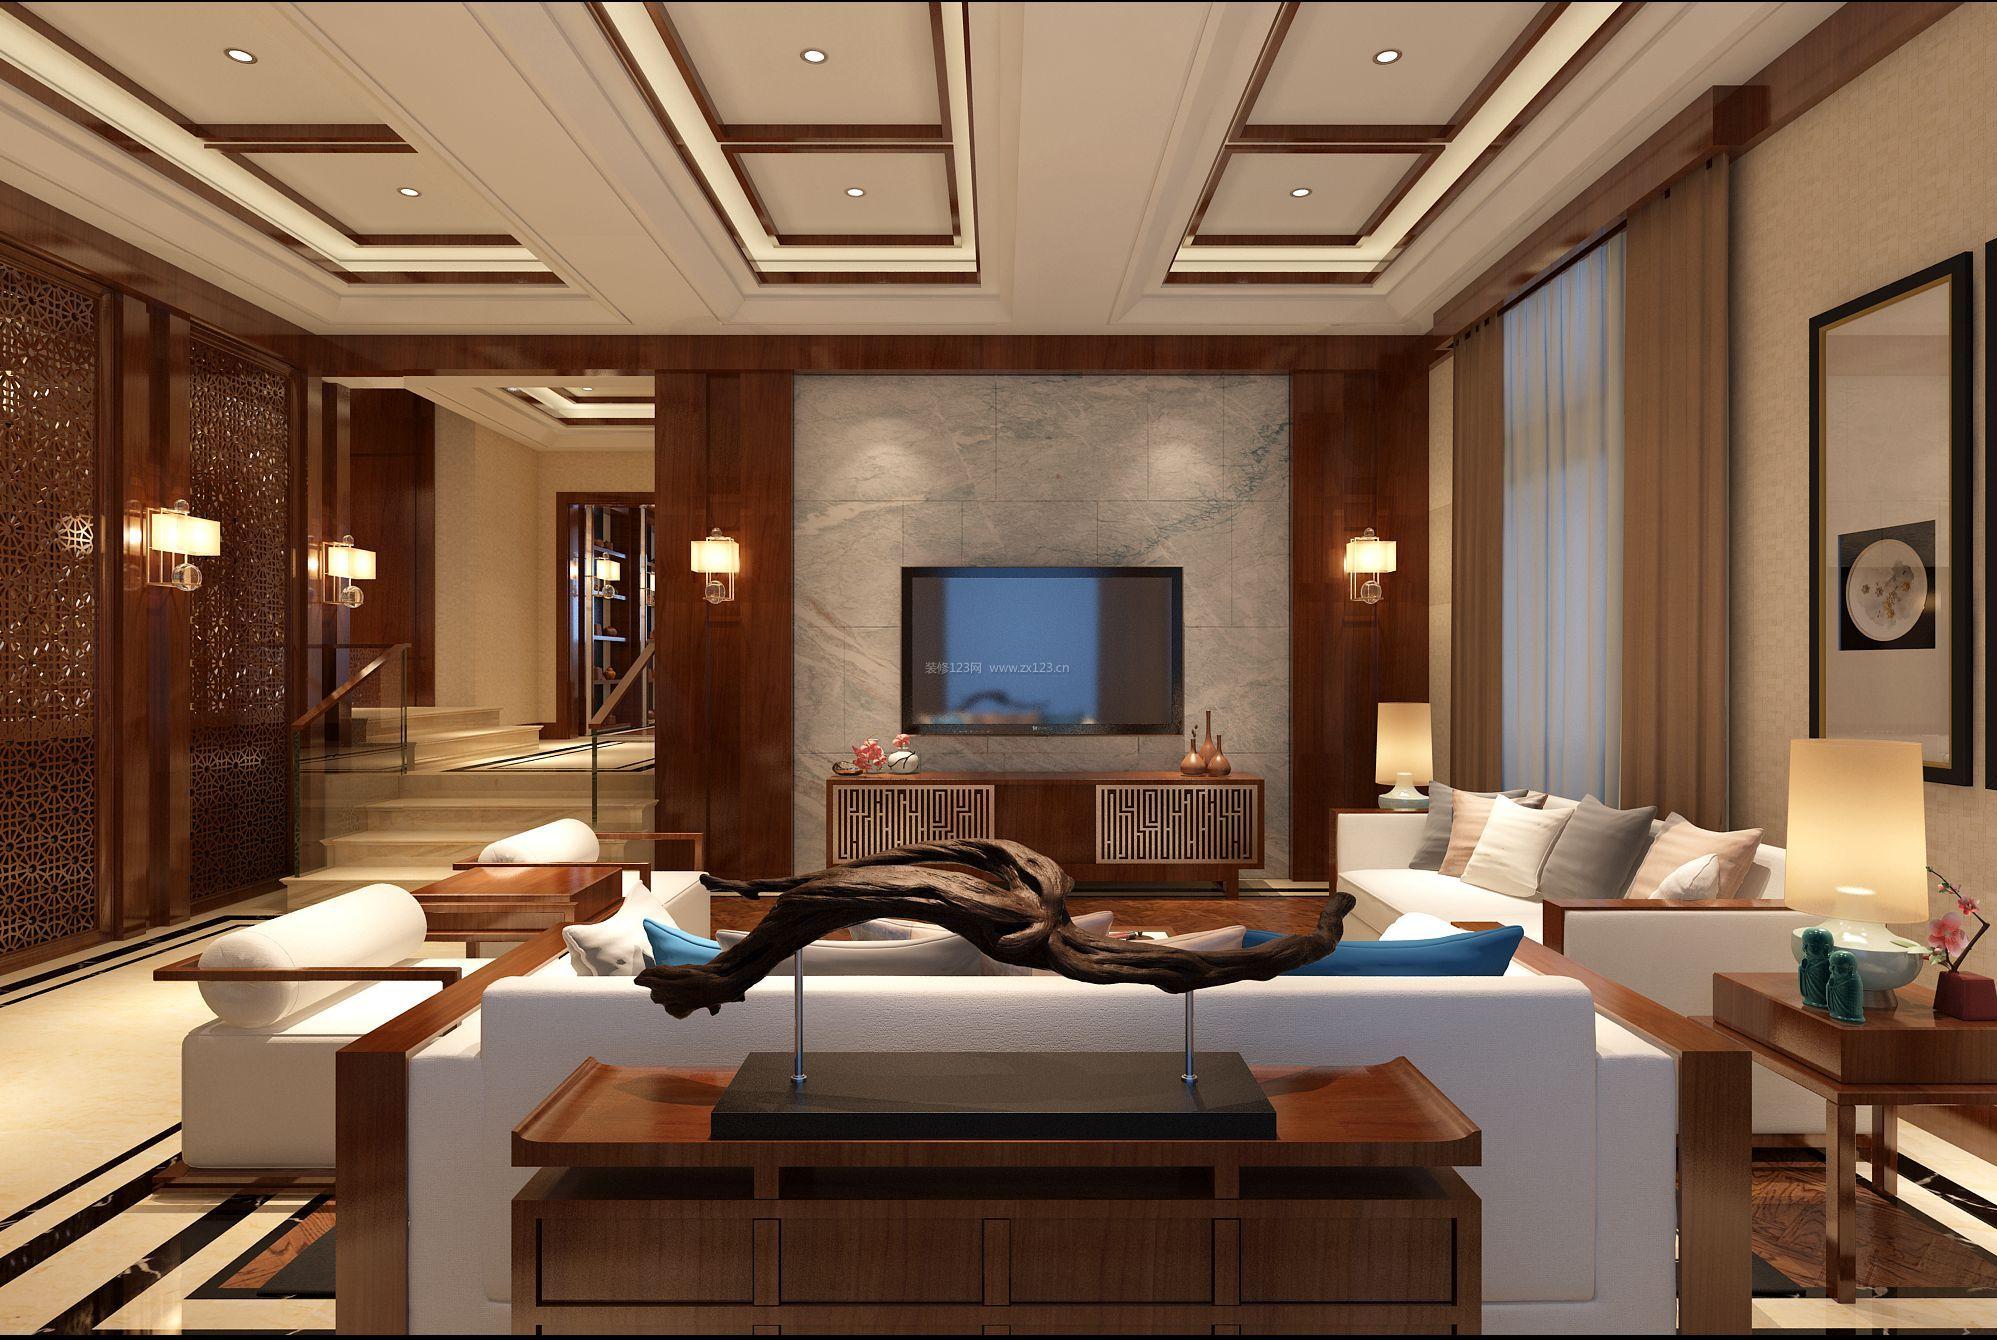 简约中式别墅客厅吊顶设计效果图